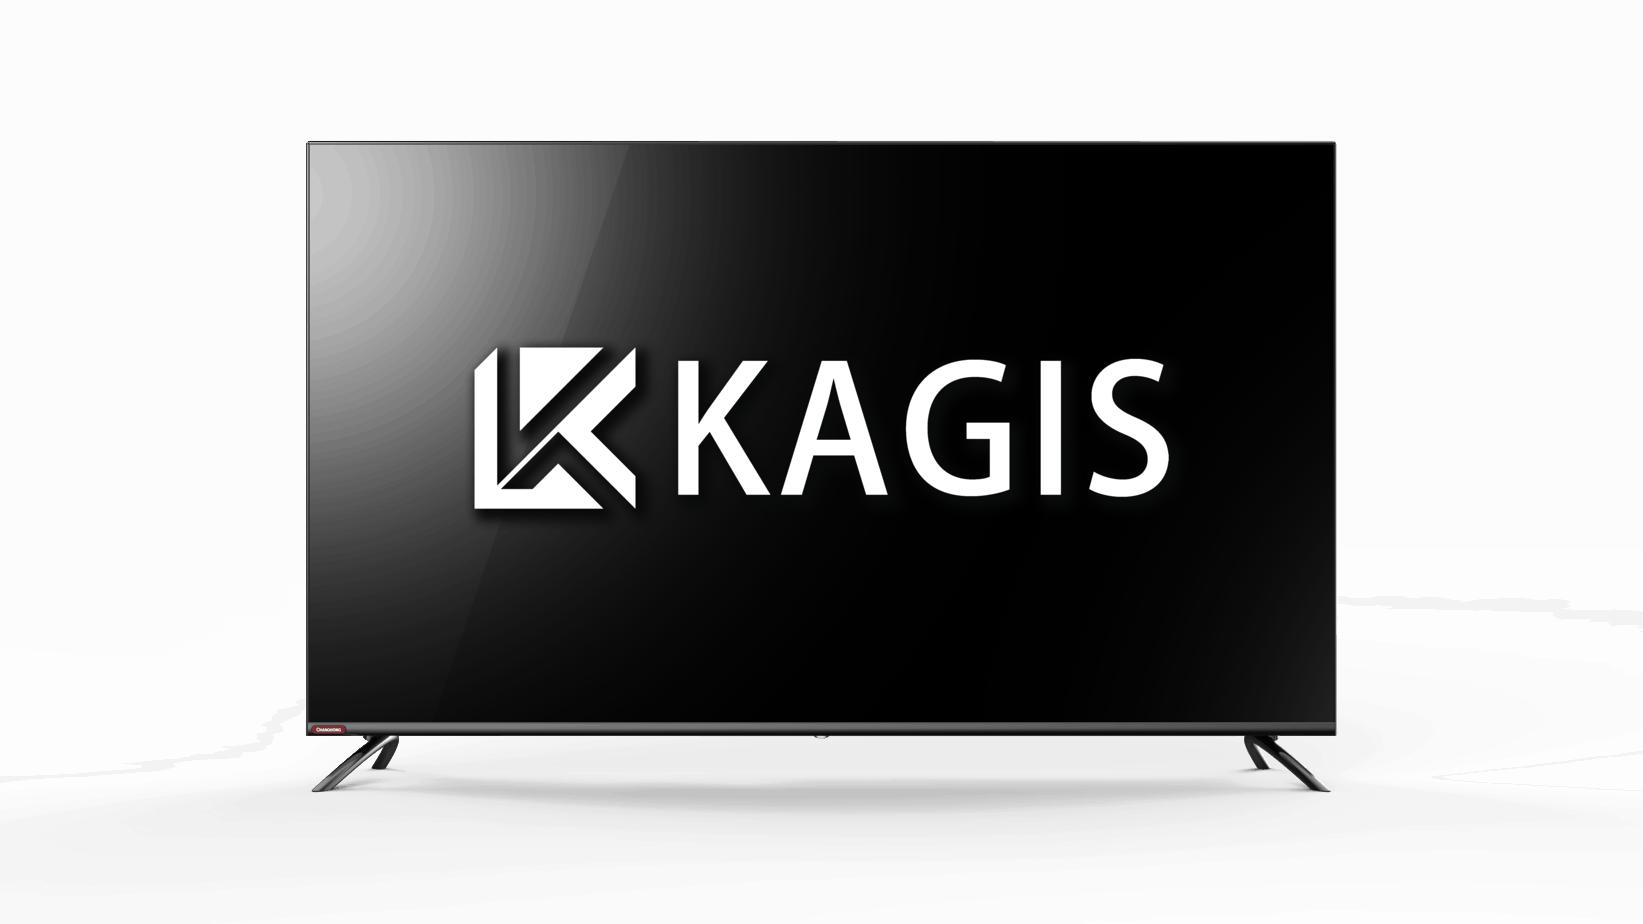 KAGIS TV ausschnitt mit Kagis logo